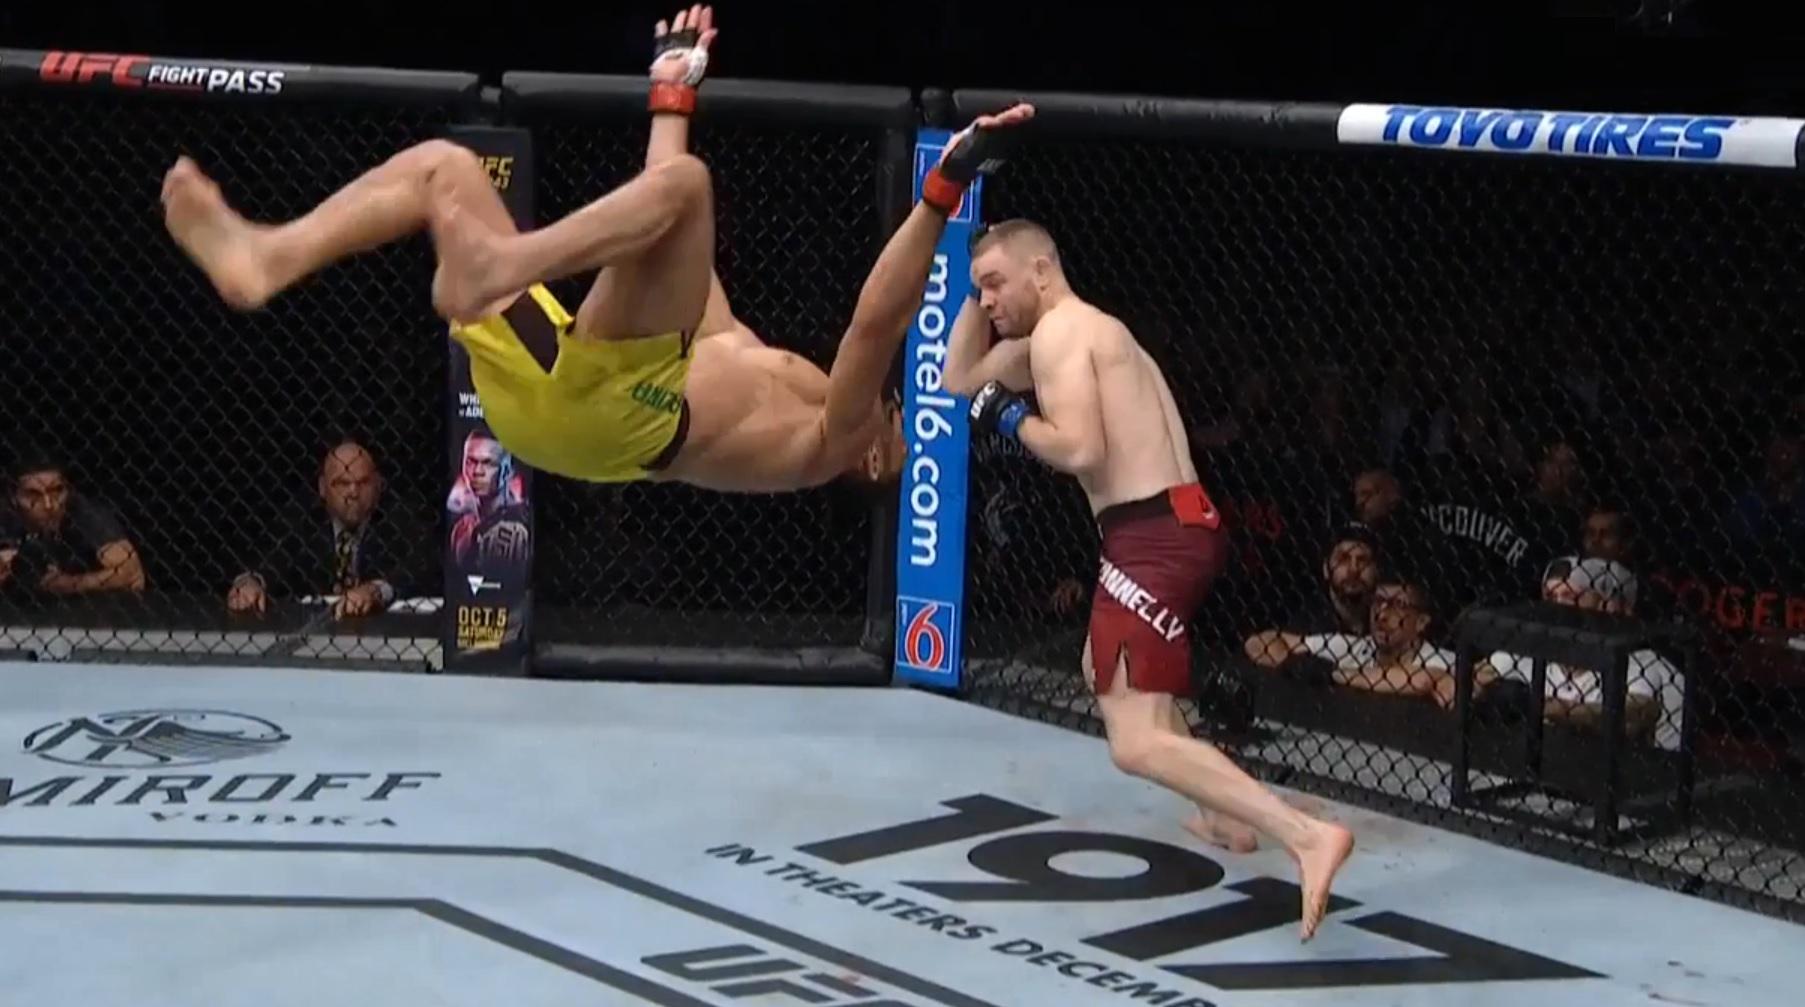 Pereira vs. Connelly